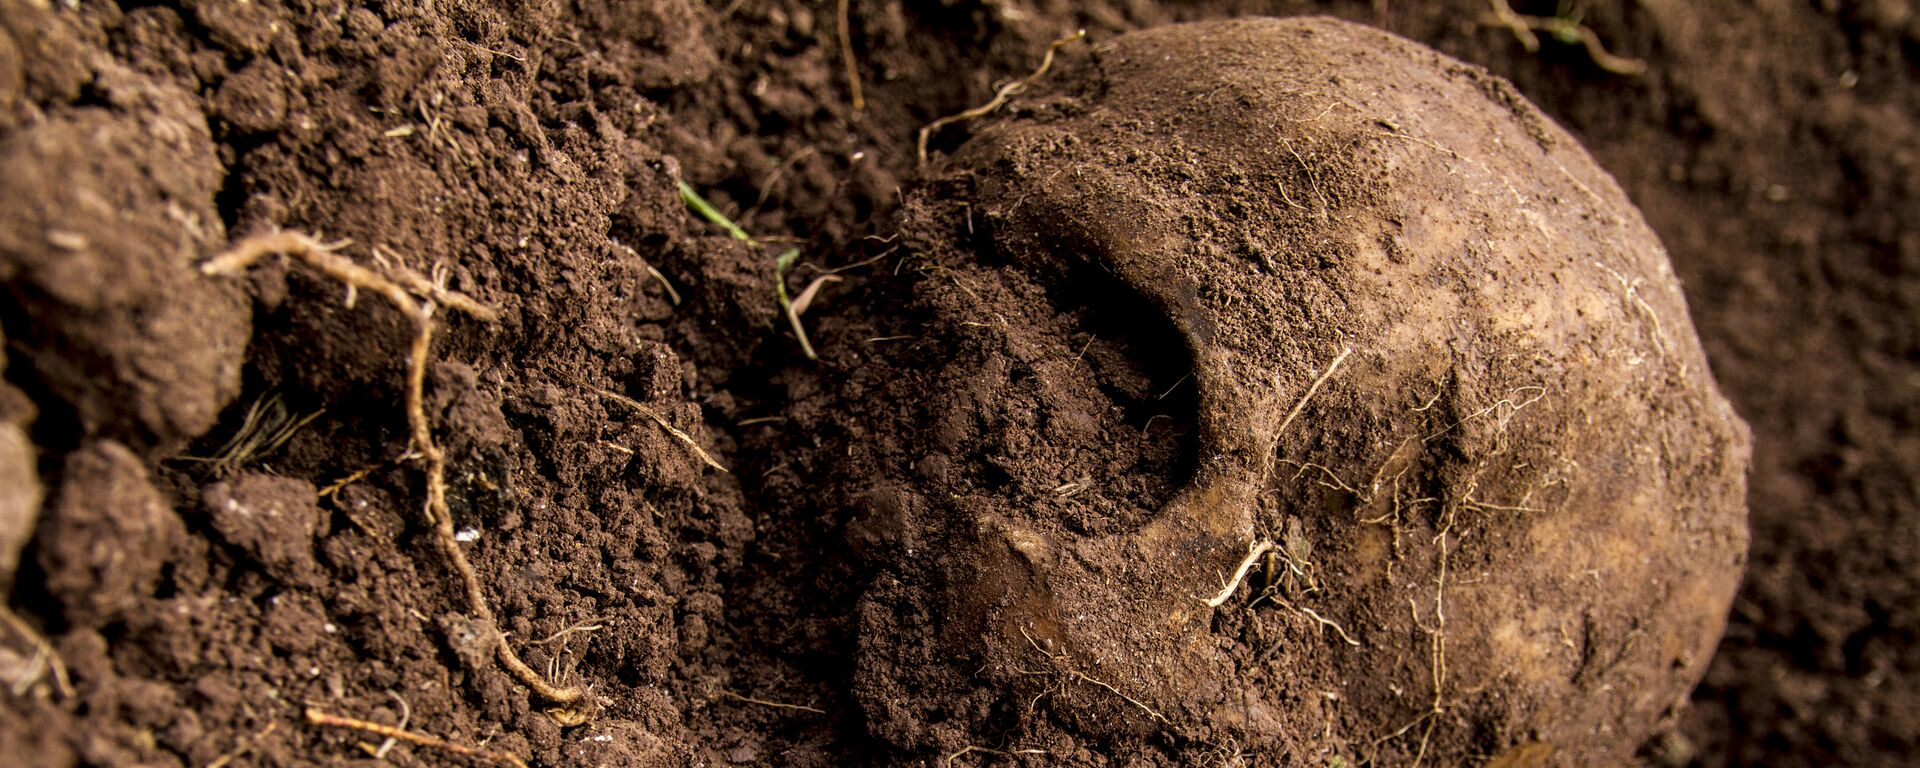 Cráneo hallado en una fosa  - Sputnik Mundo, 1920, 01.03.2021